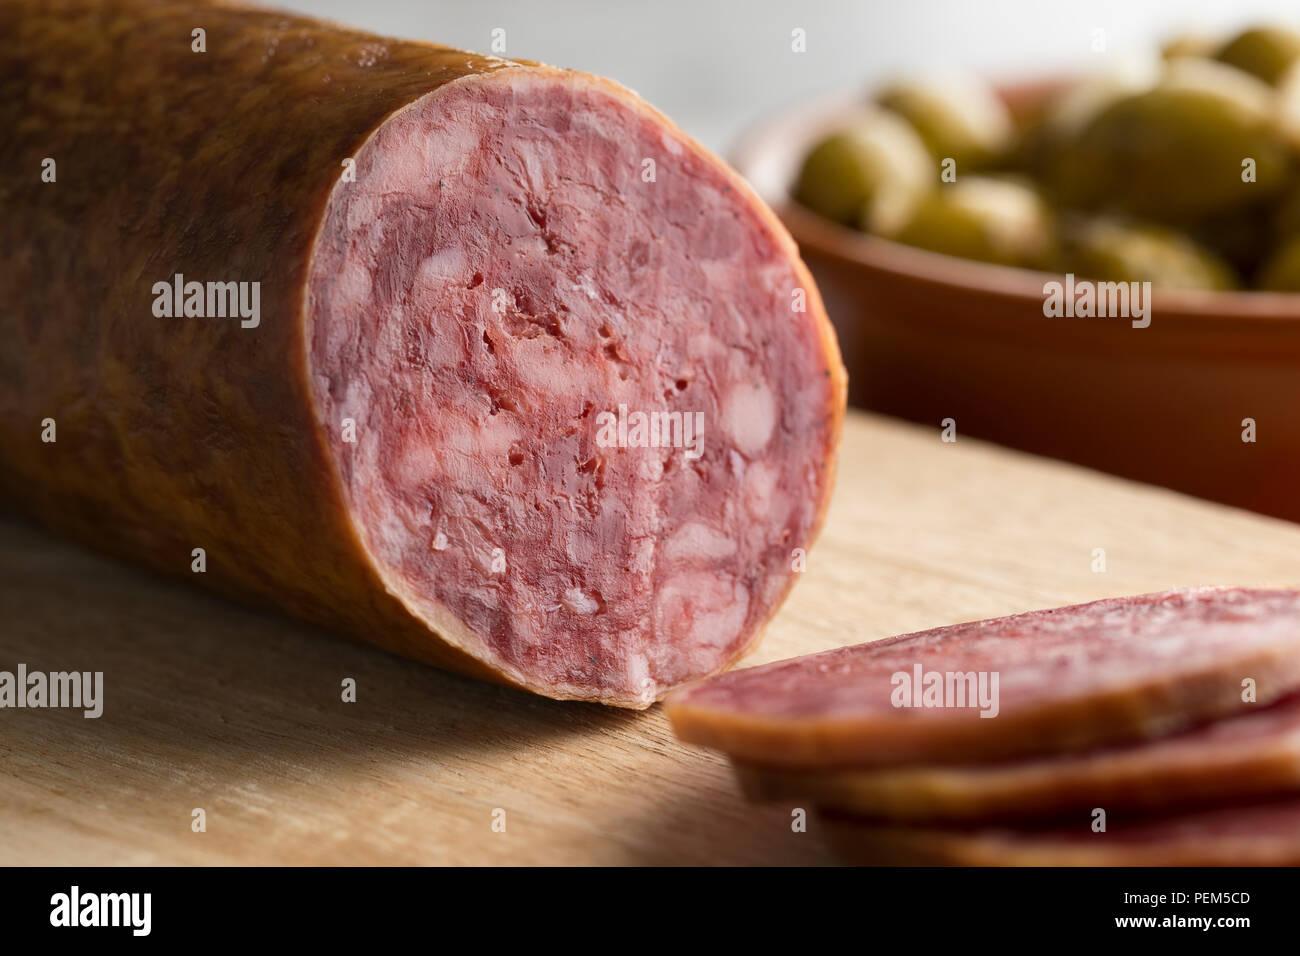 Morceau traditionnel de saucisson espagnol et des tranches close up Photo Stock